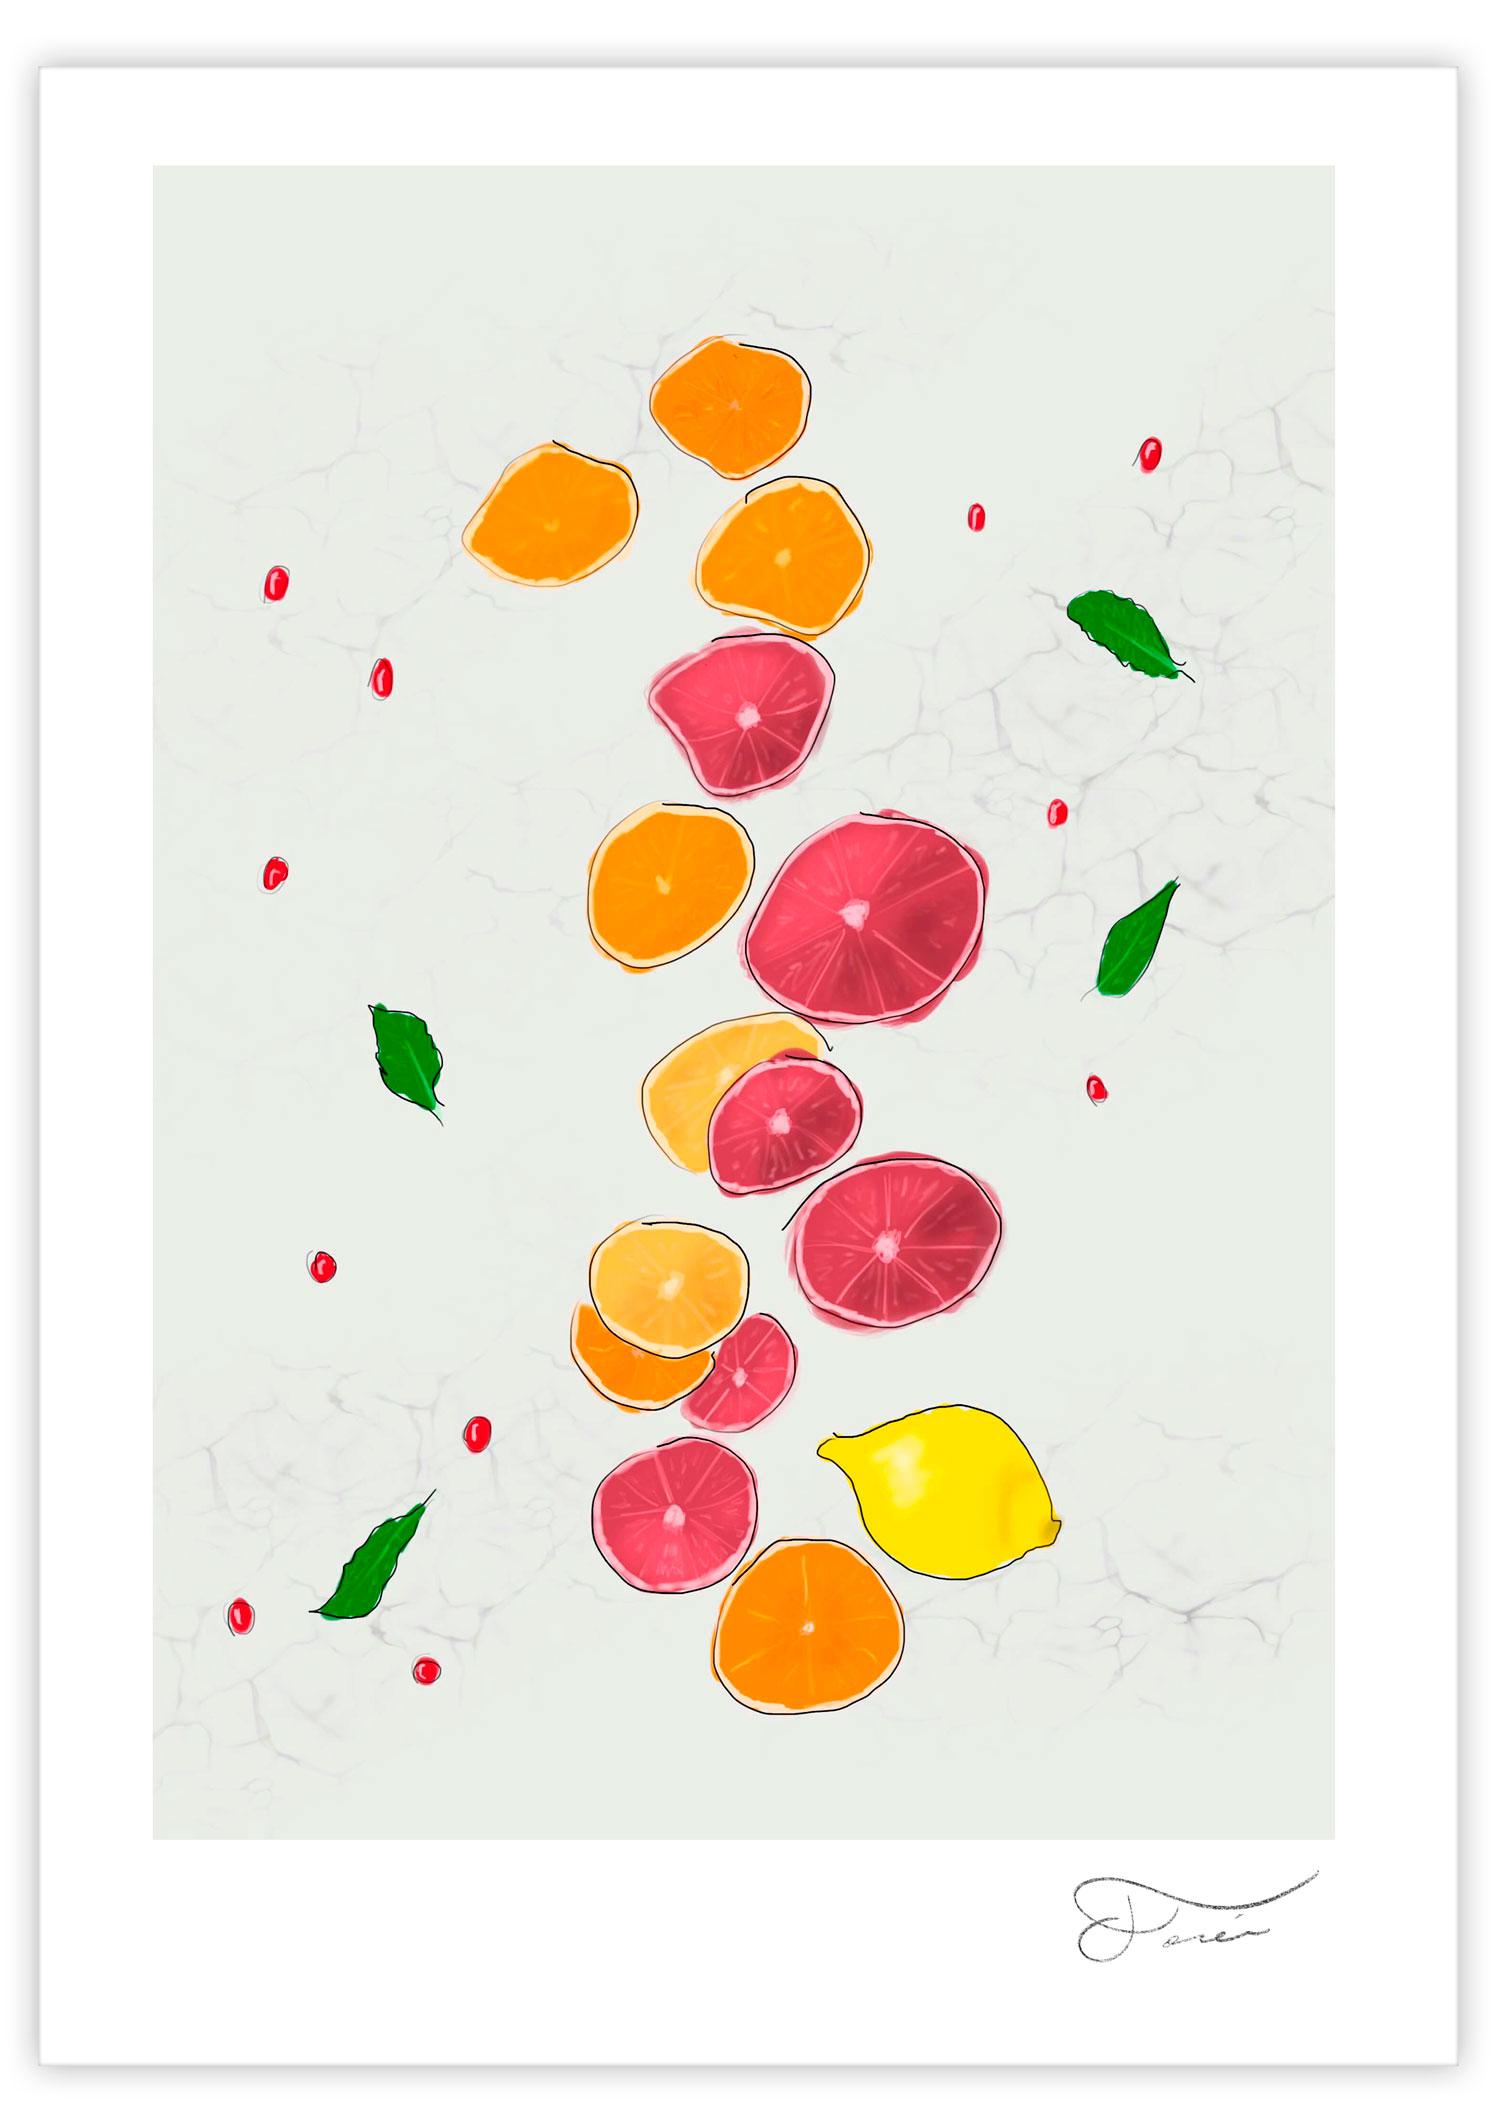 Citrus ilustración Carlos Forcén